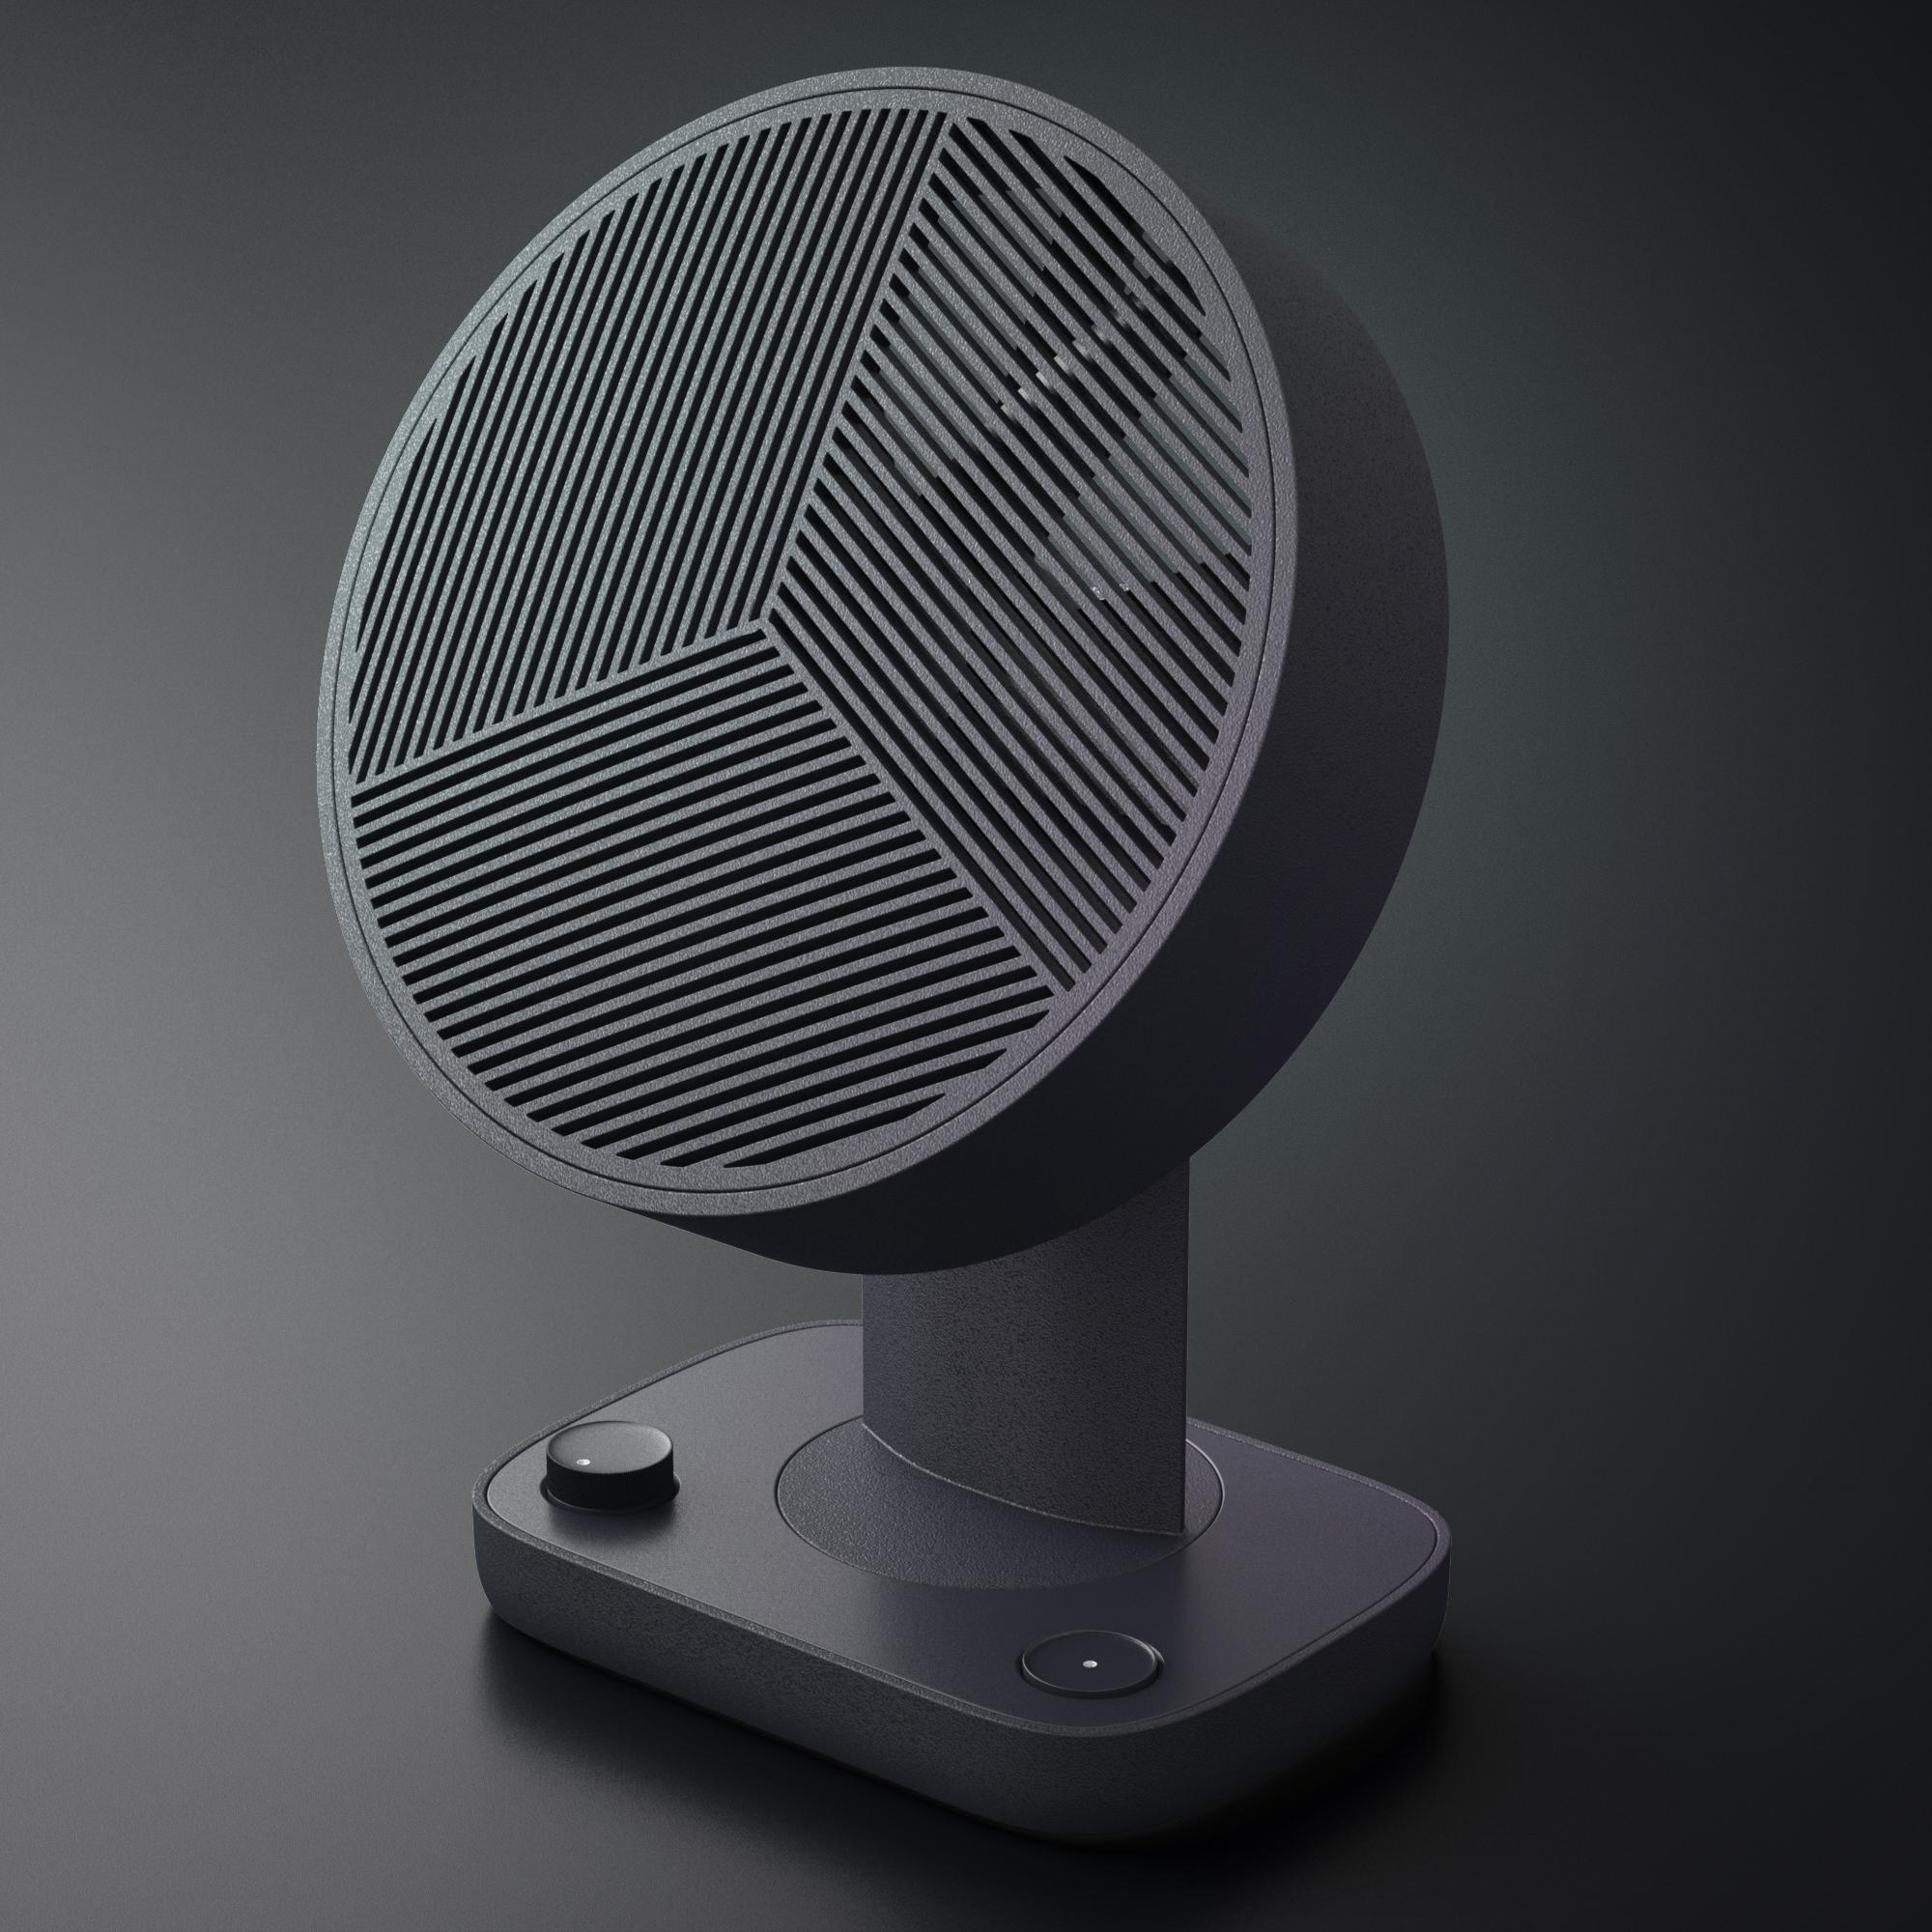 fan-front34.jpeg